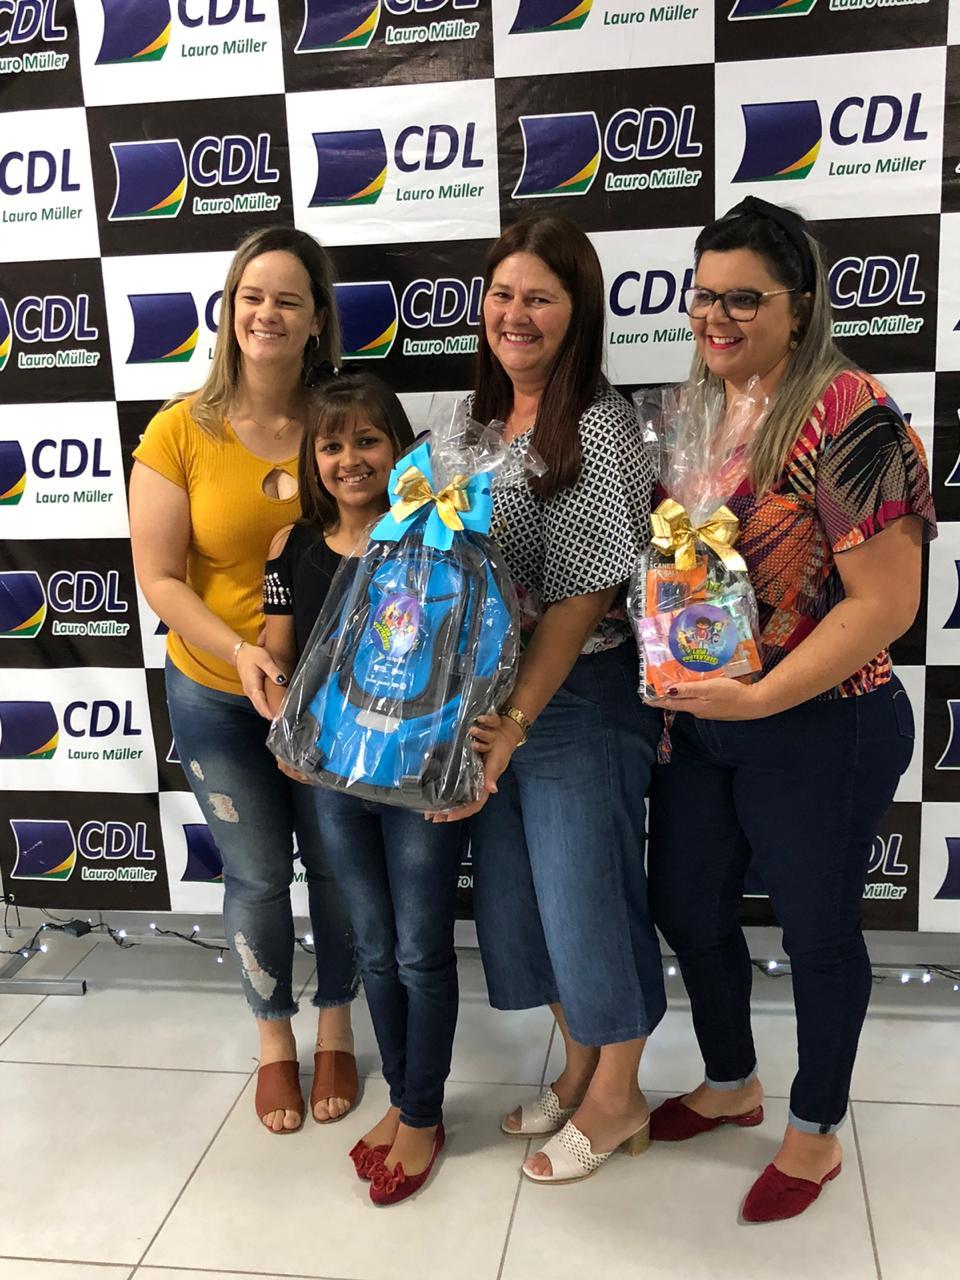 CDL premia ações de sensibilização ambiental em escolas municipais de Lauro Müller (3)